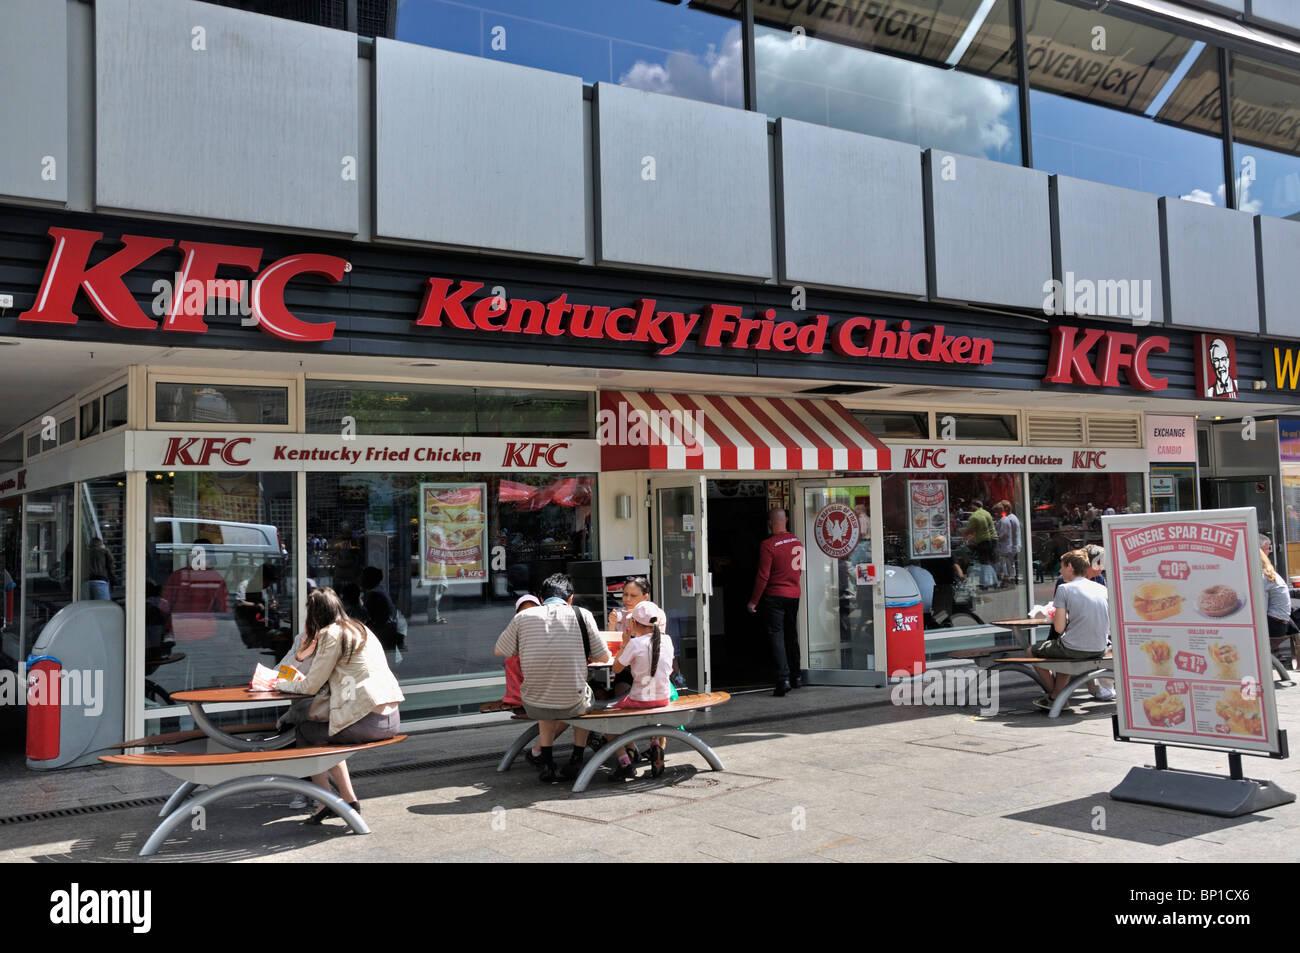 Kentucky Fried Chicken Restaurant